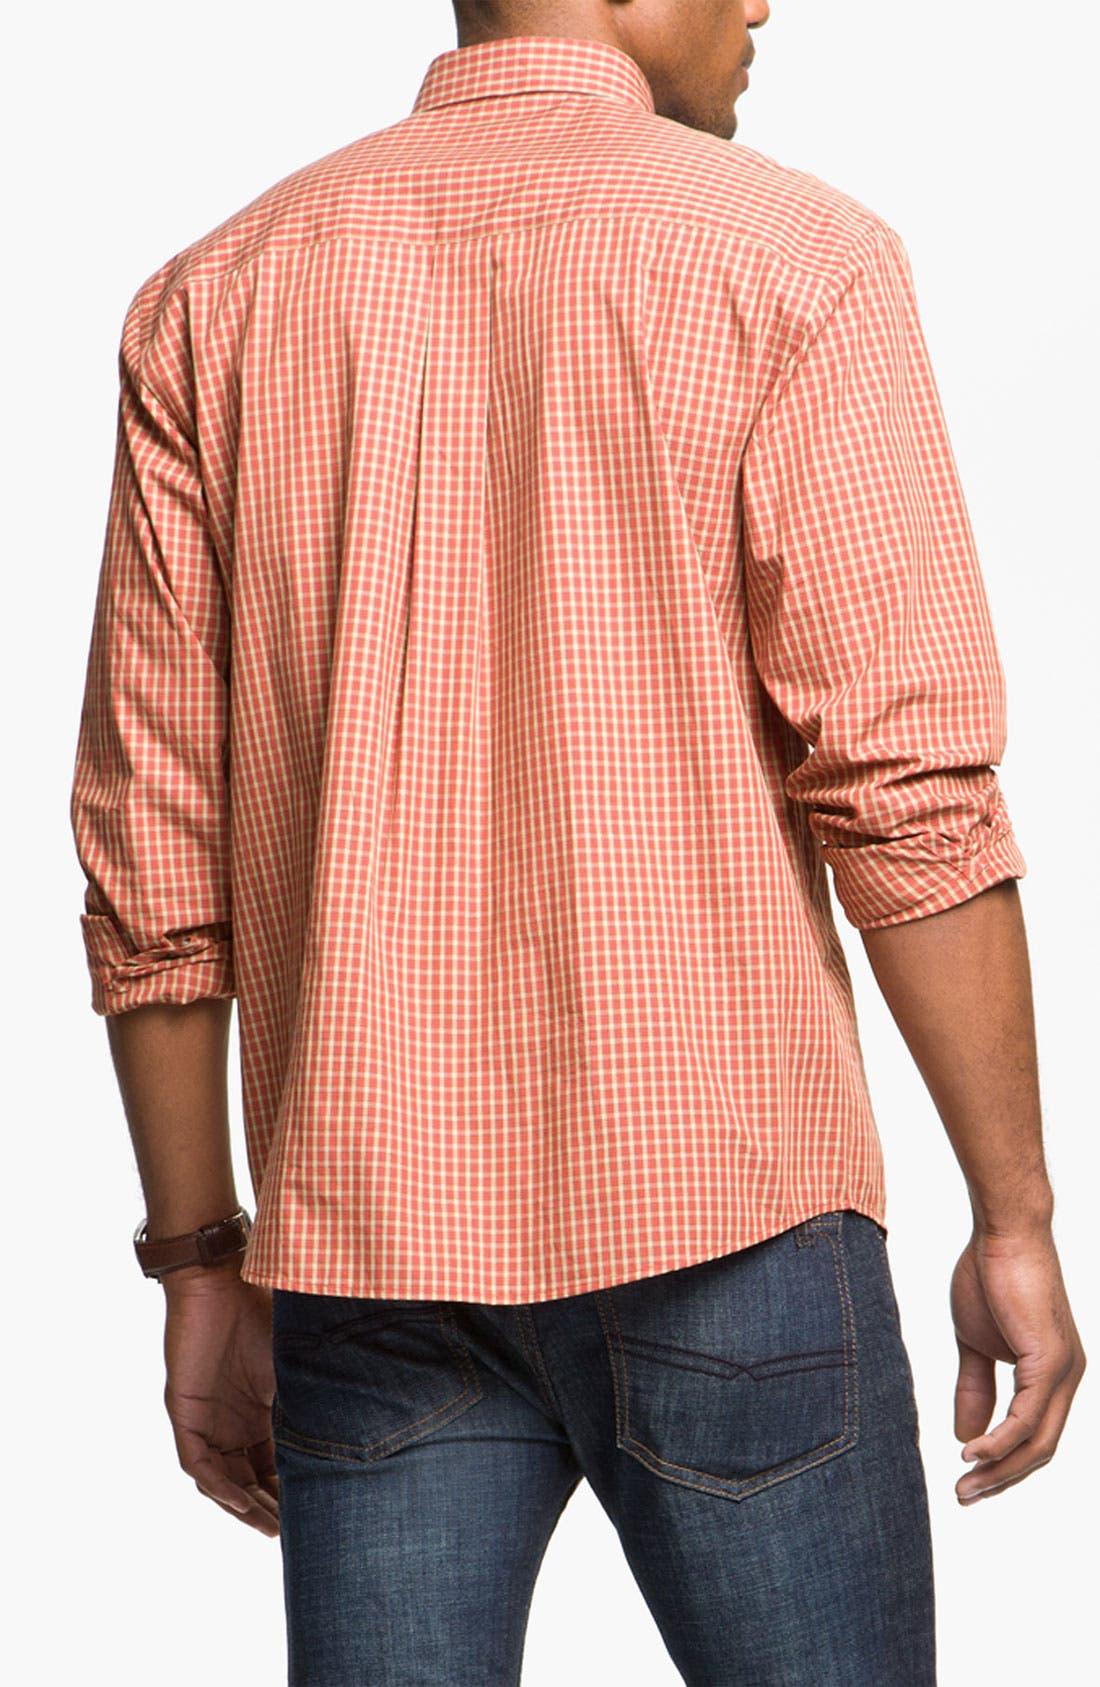 Alternate Image 2  - Cutter & Buck 'Spruce' Check Sport Shirt (Big & Tall)